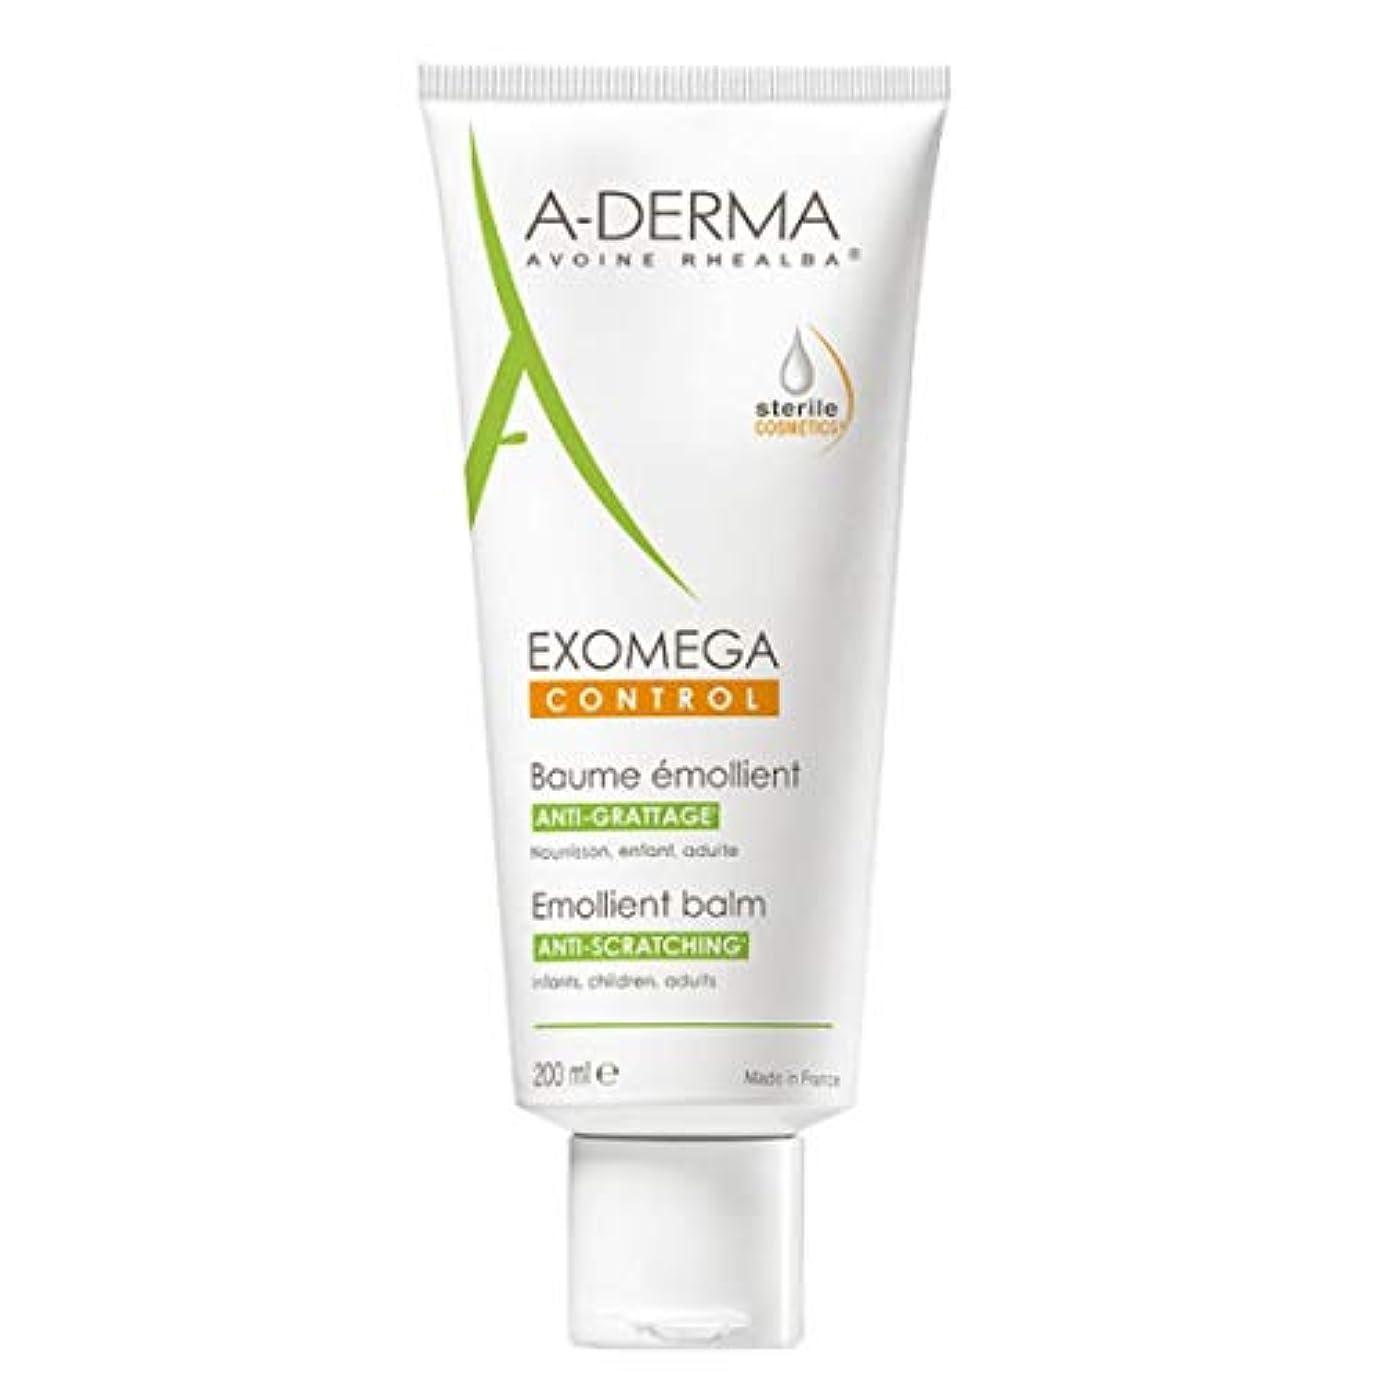 遅いナースオーバーコートA-derma Exomega Control Emollient Balm 200ml [並行輸入品]